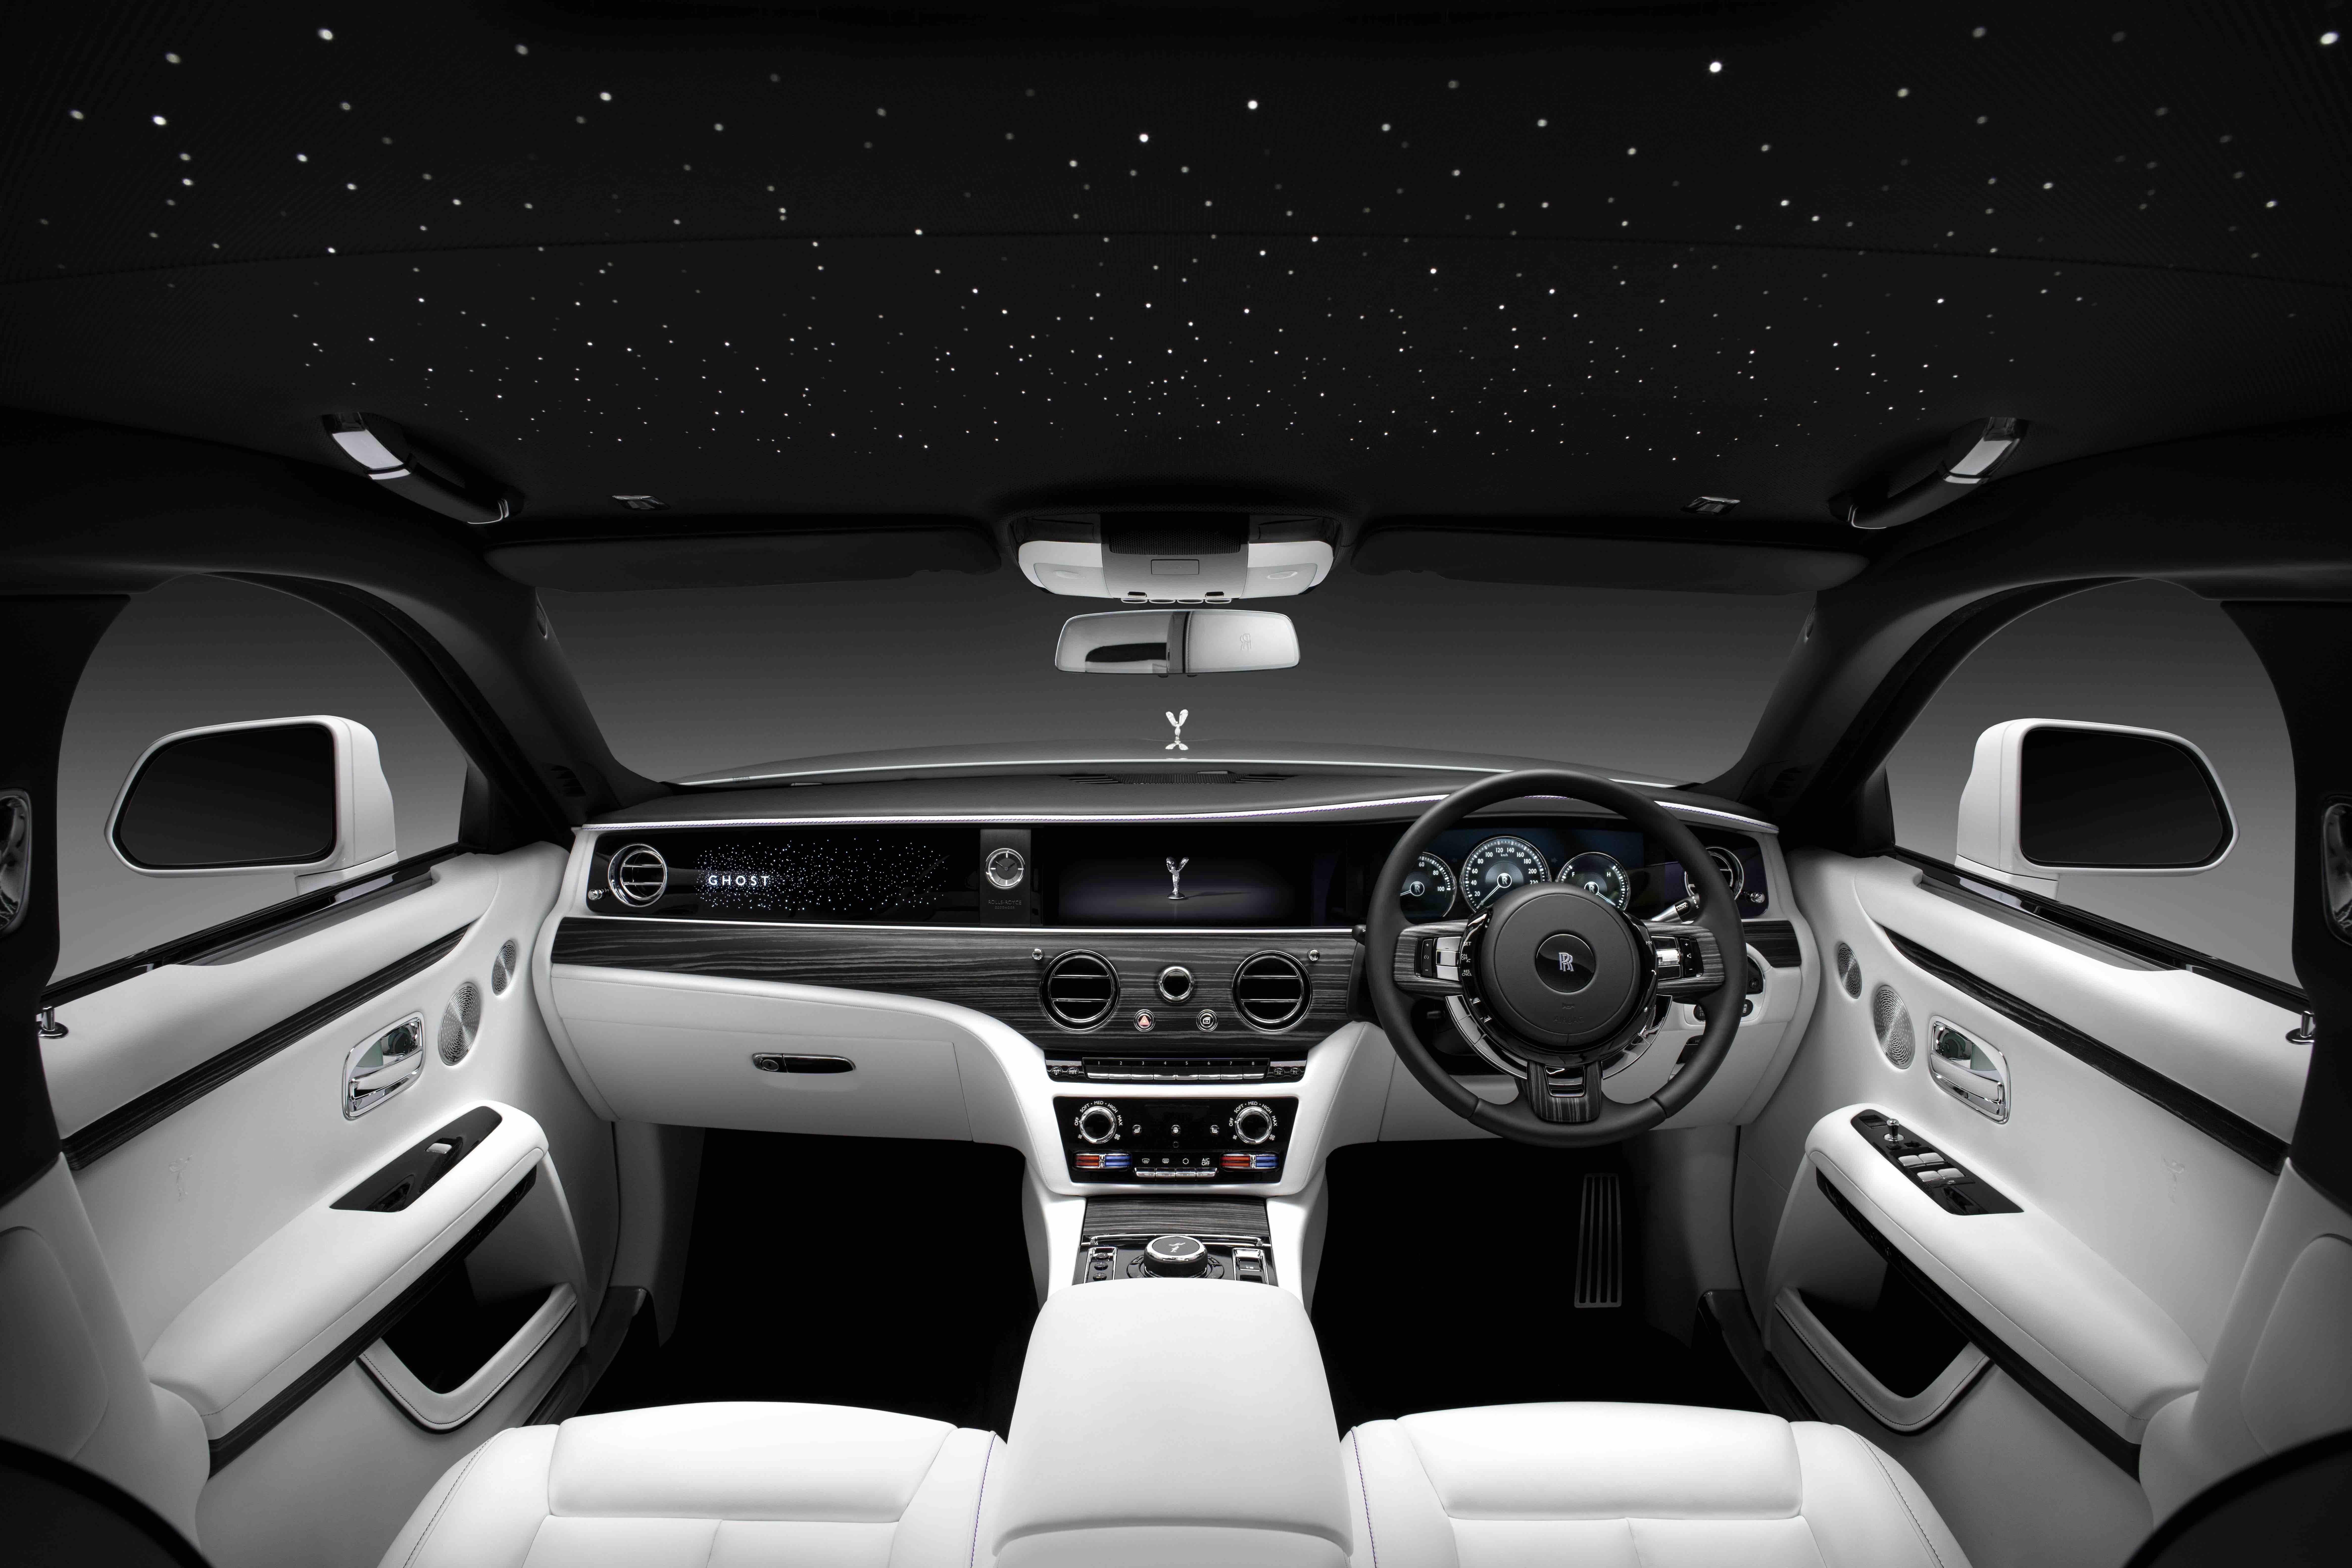 New Rolls-Royce Ghost